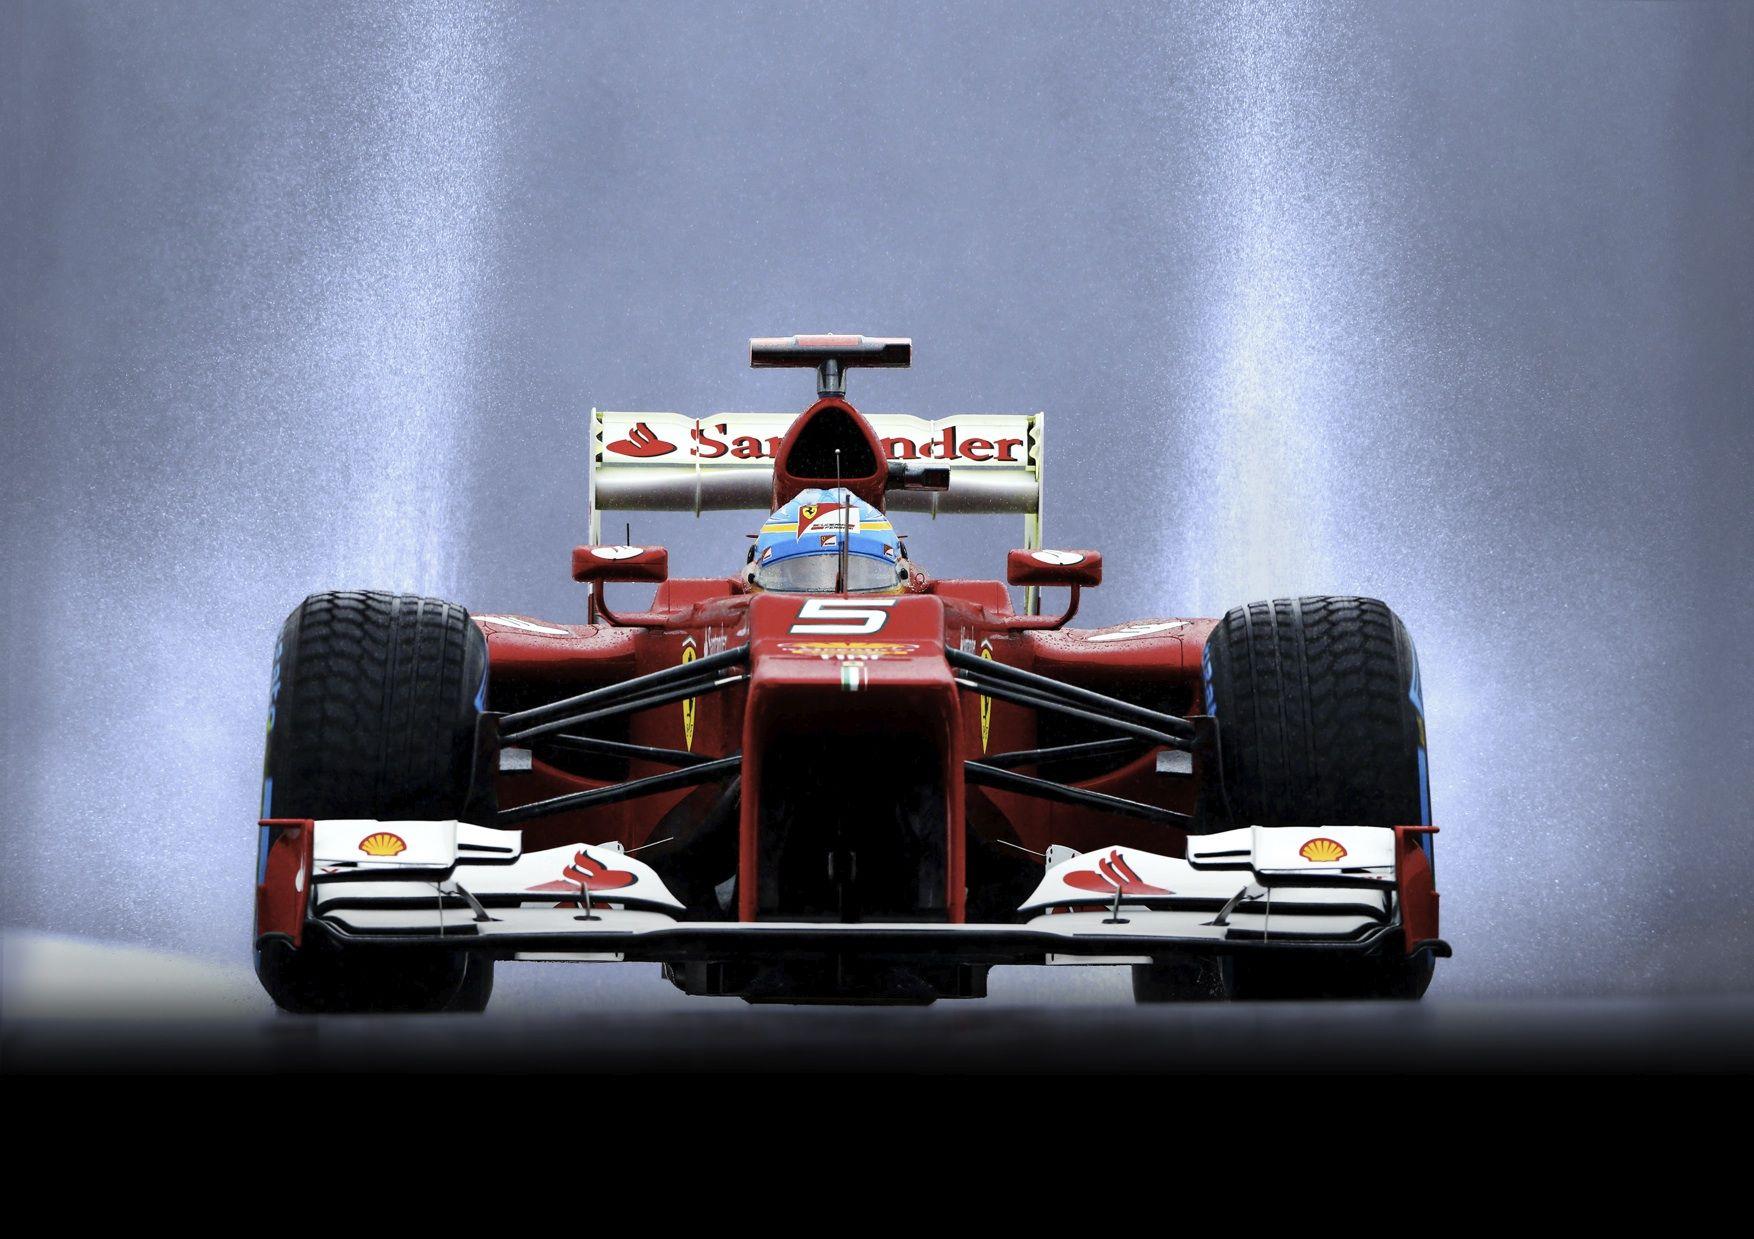 Super photo shots of F1 GP 2012 USA & Brazil -> Ferrari, Alonso, who else!!!